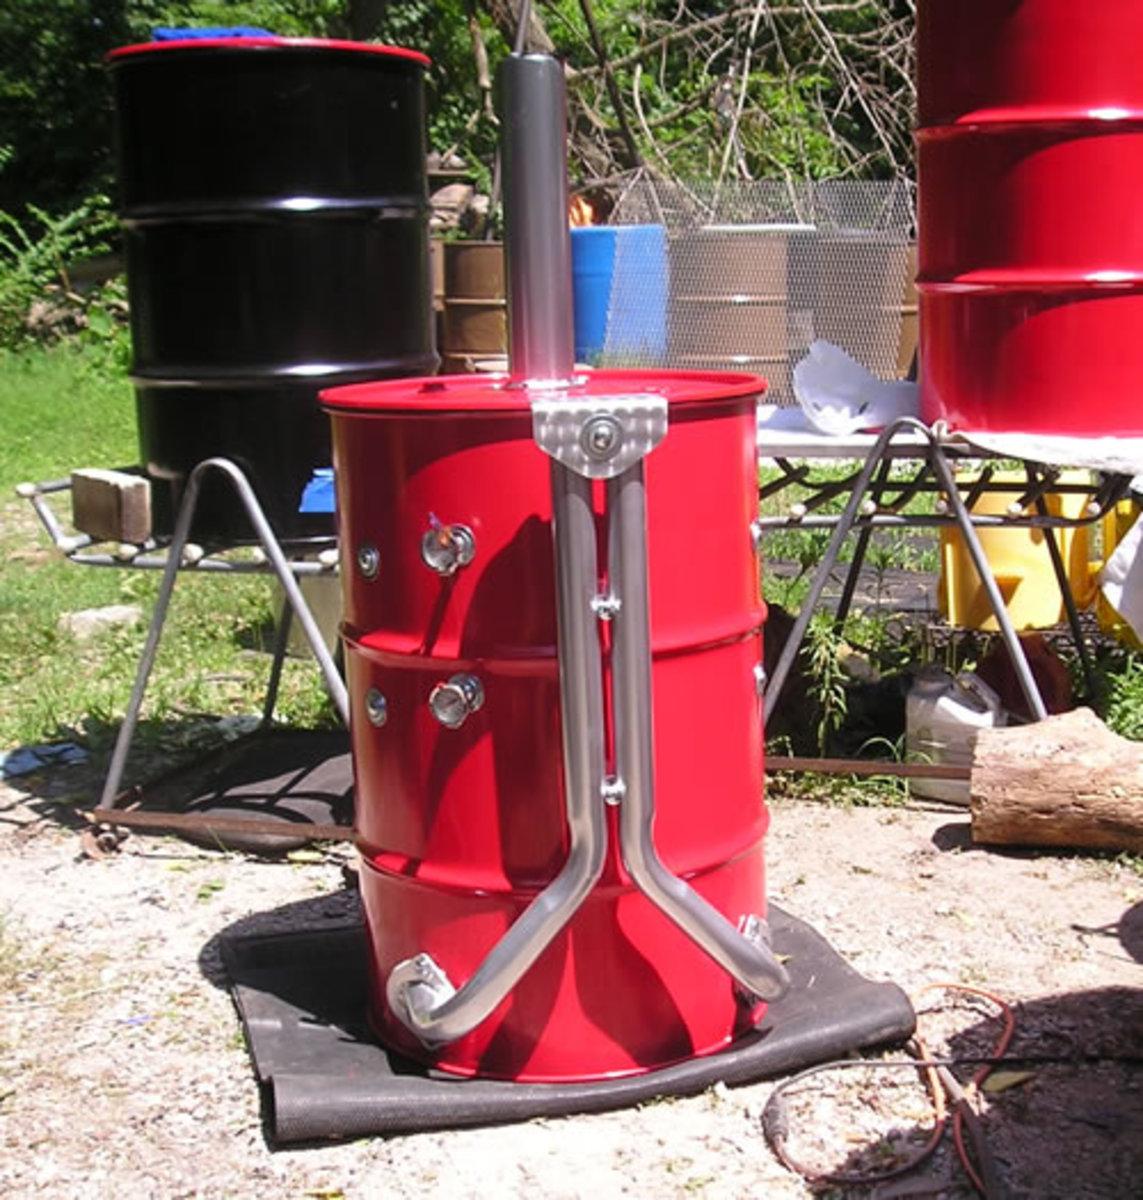 From barrelsmokers.net